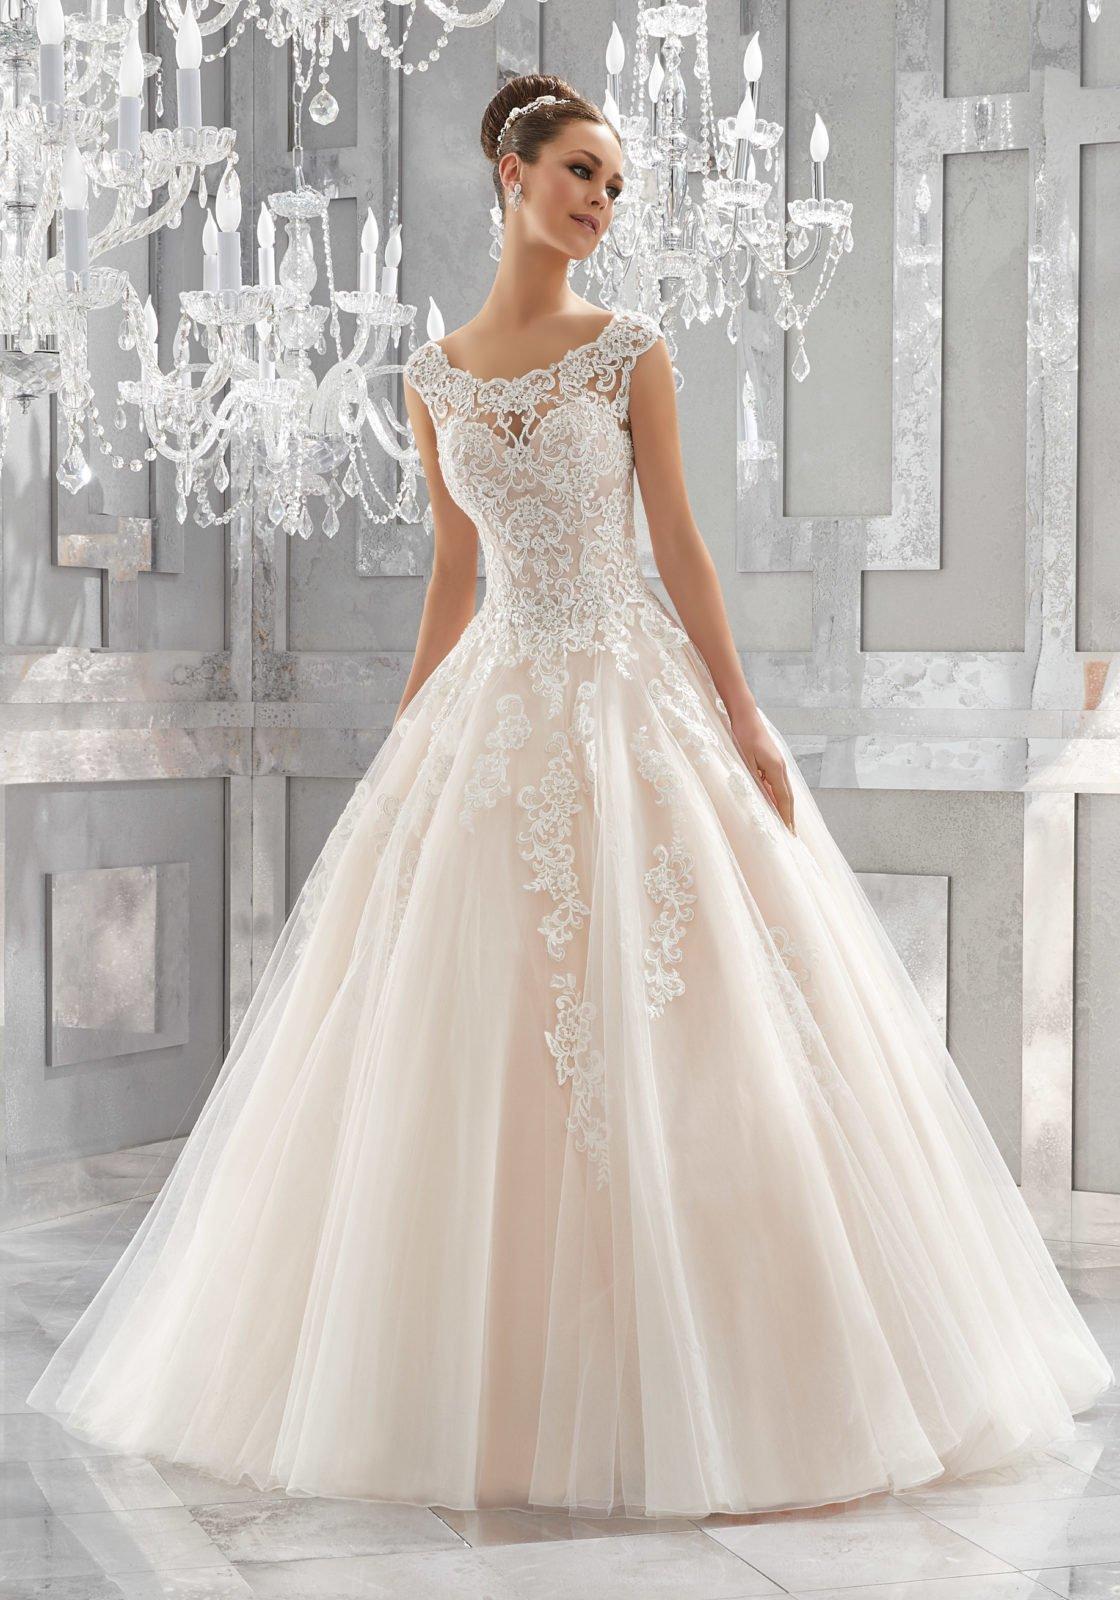 Vestiti da sposa gallarate – Modelli alla moda di abiti 2018 c16adcc6628